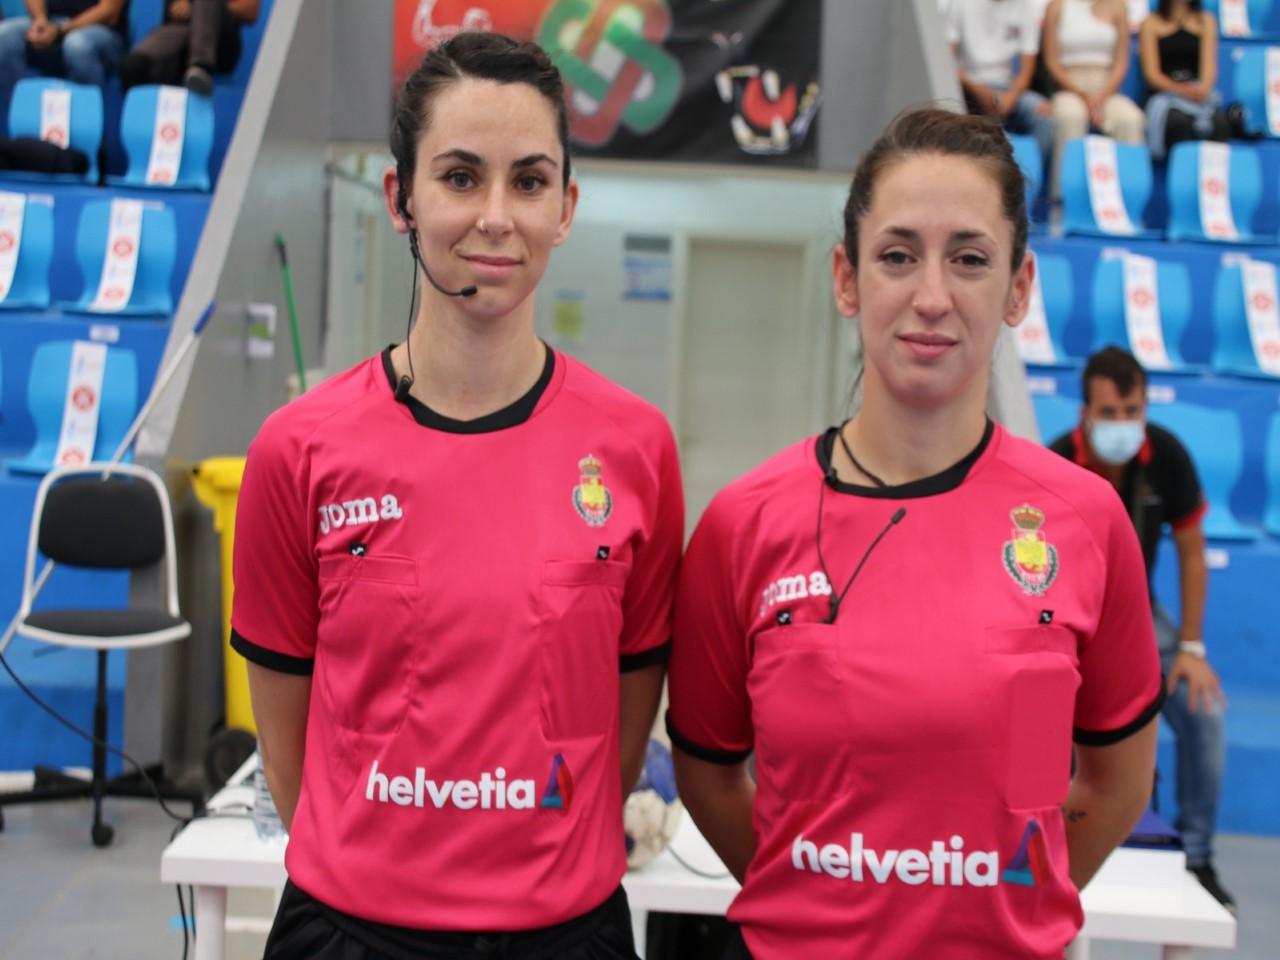 María Victoria Avilés Fernández y María Sánchez Ramírez/ canariasnoticias